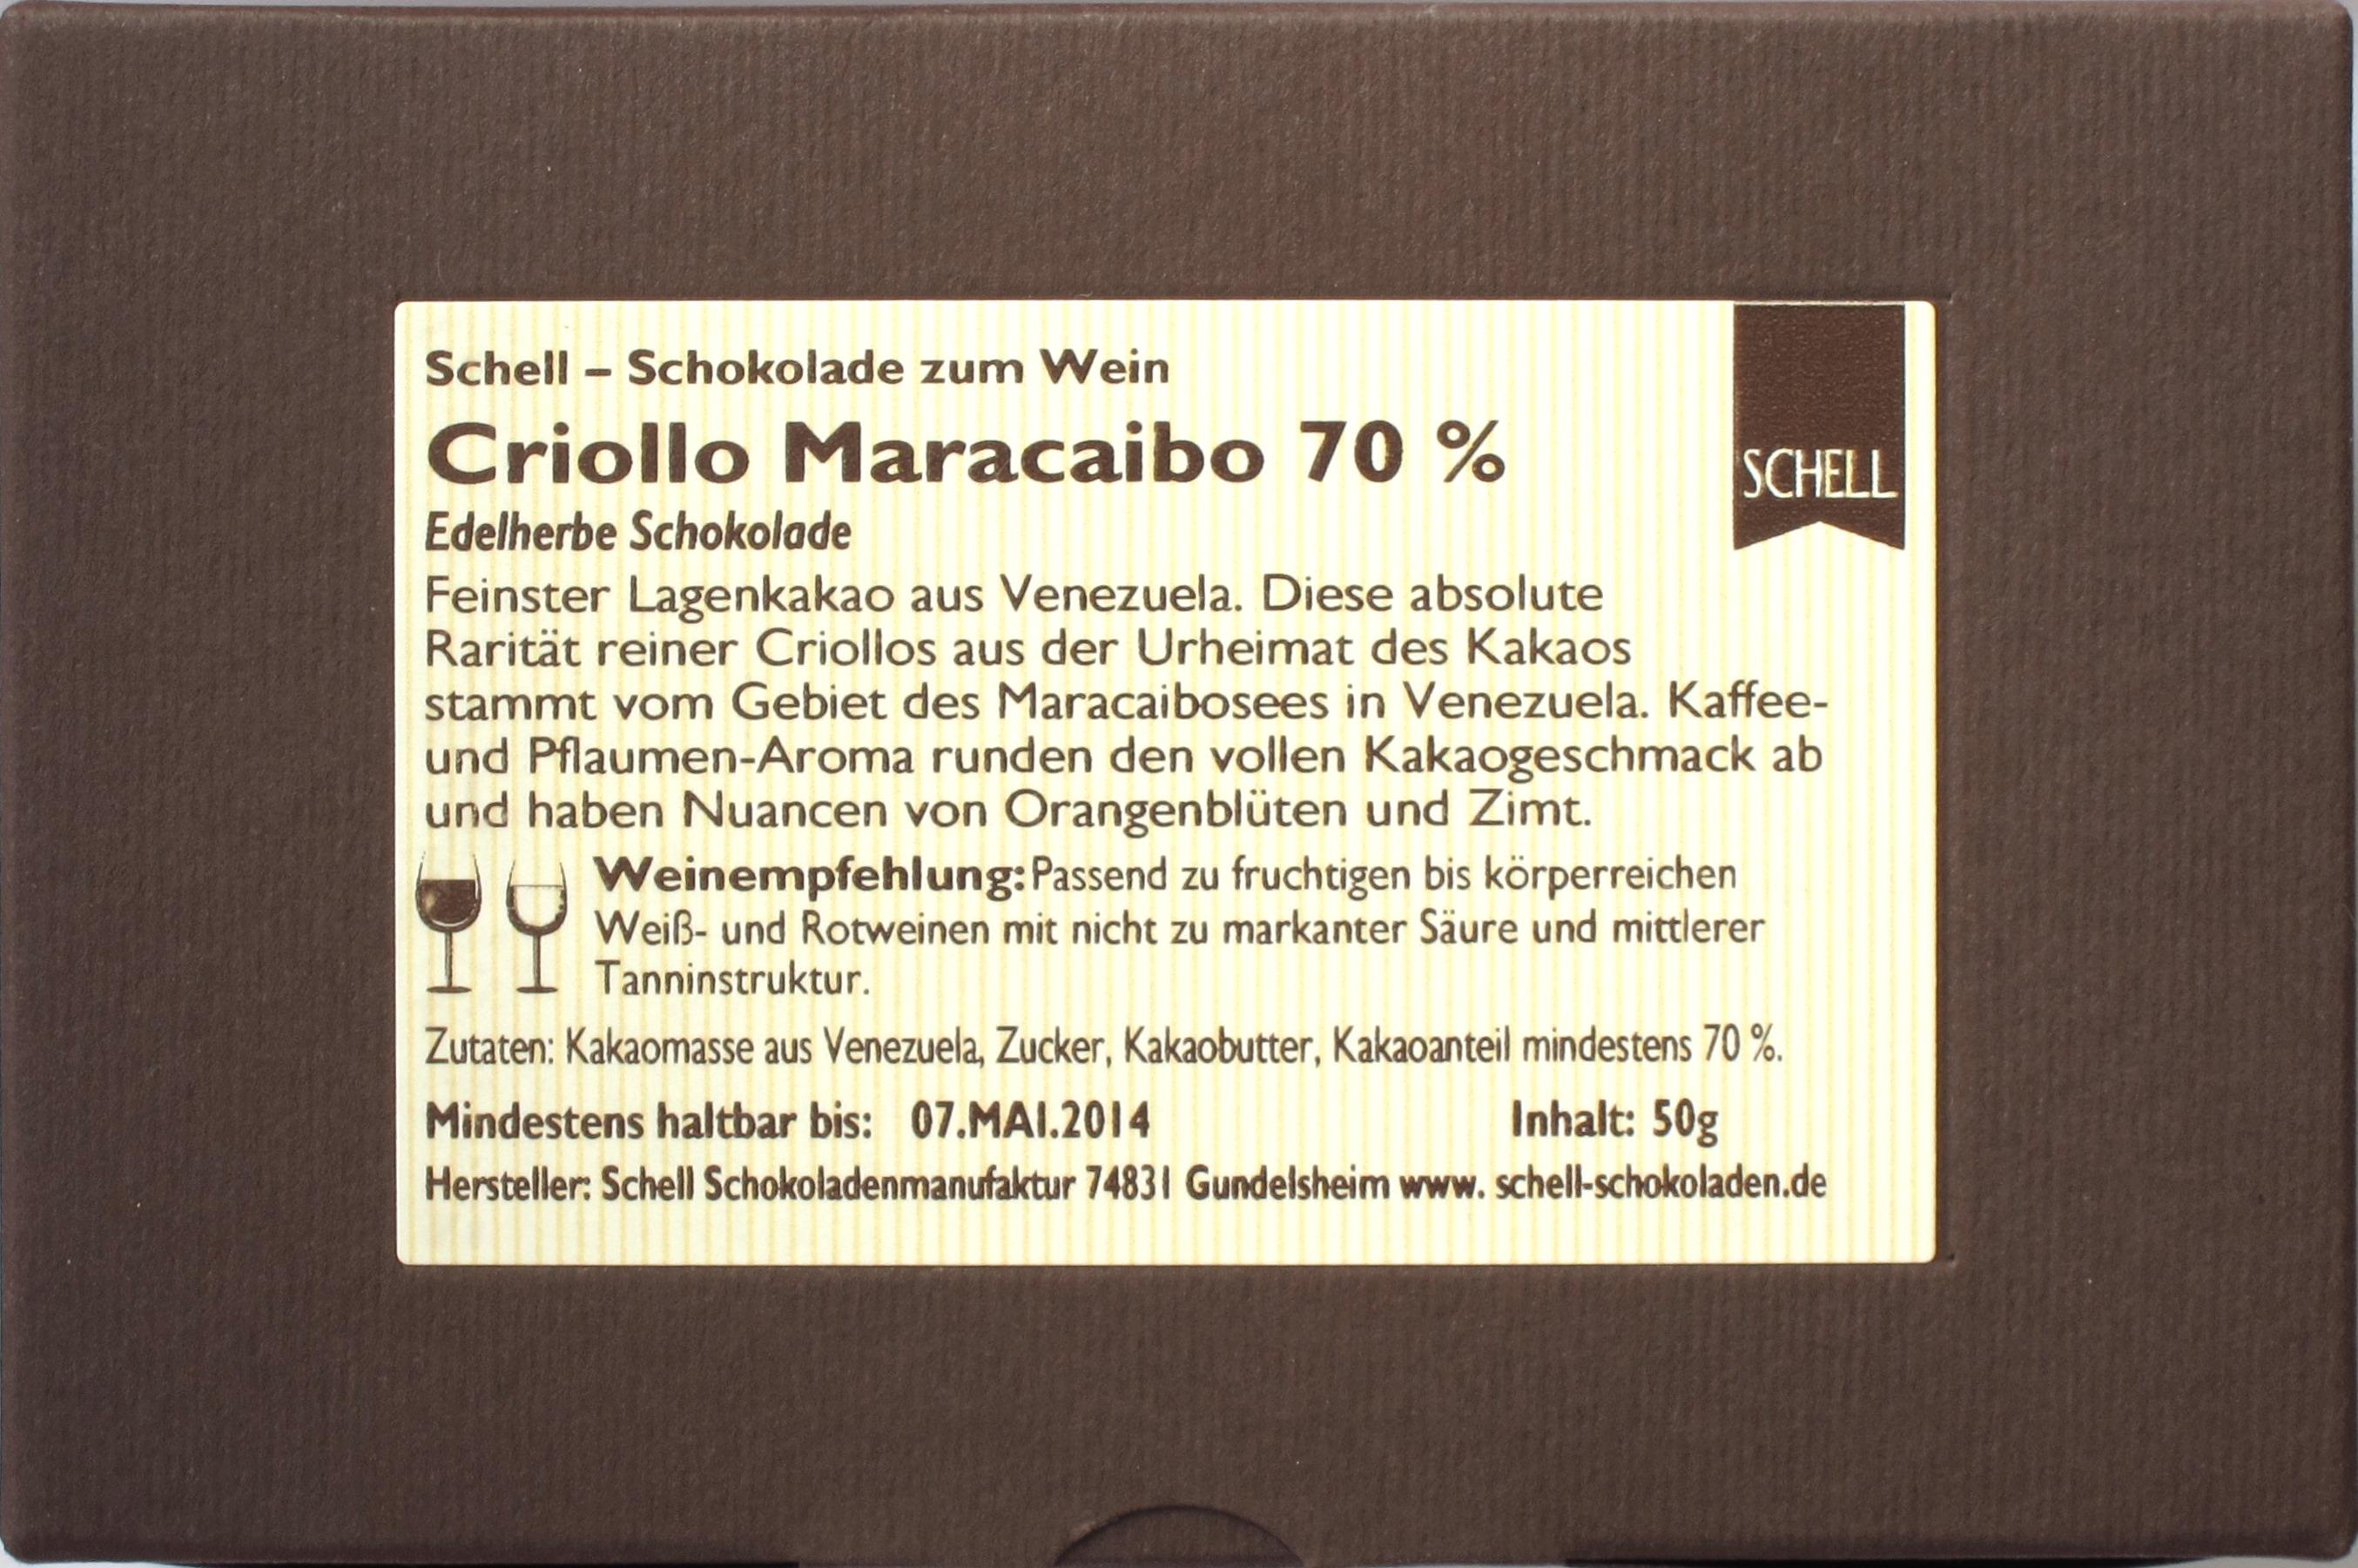 Schell Schokolade CRIOLLO MARACAIBO - Rückseite